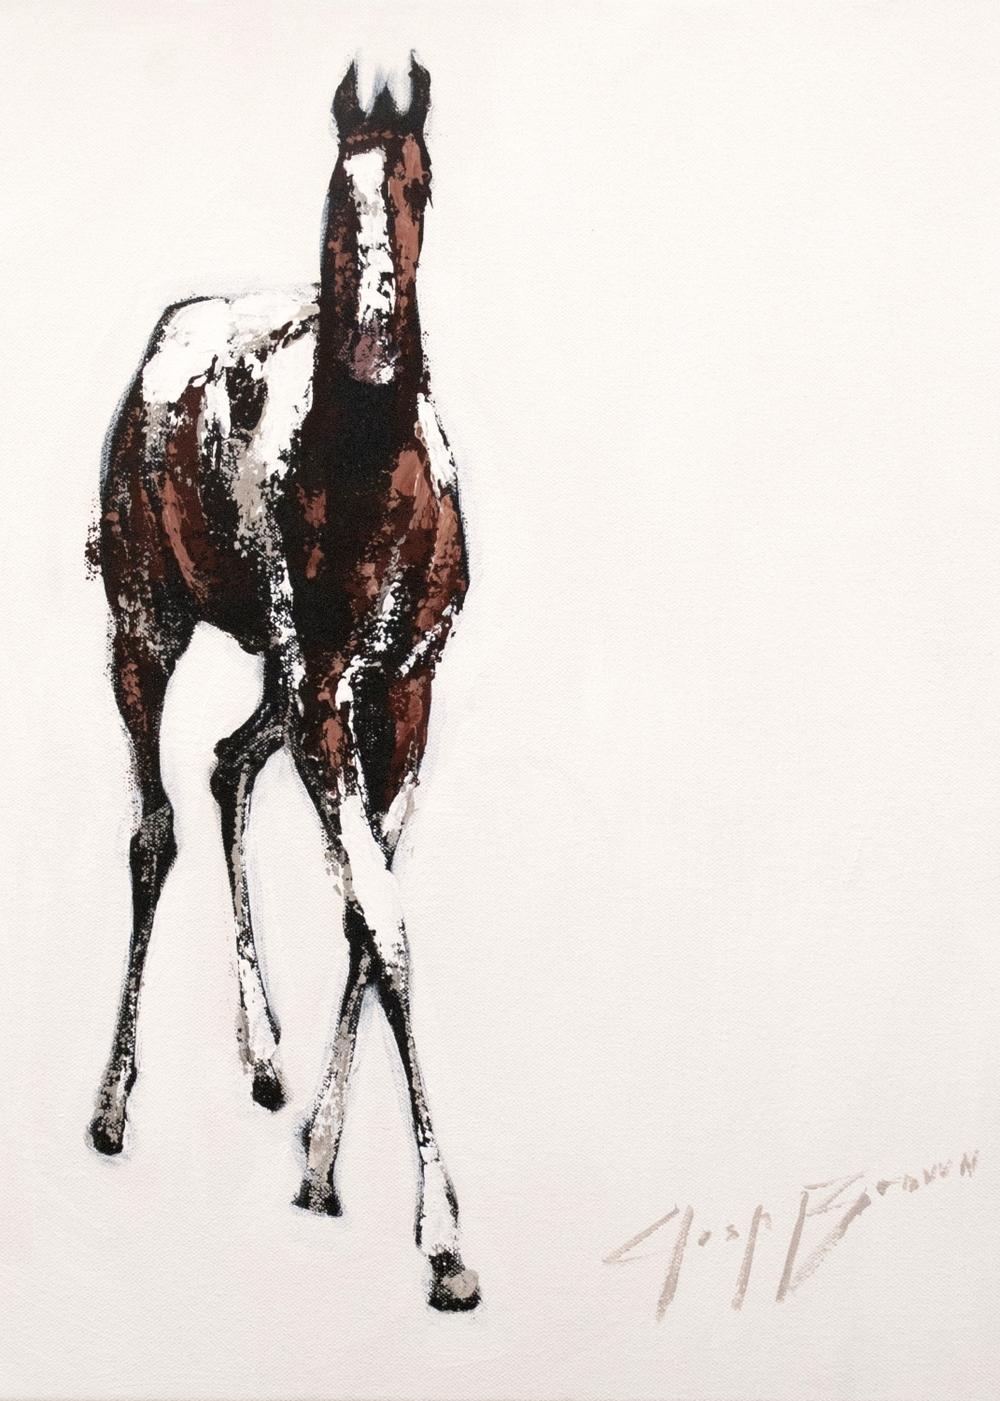 Horse on White, 11x16